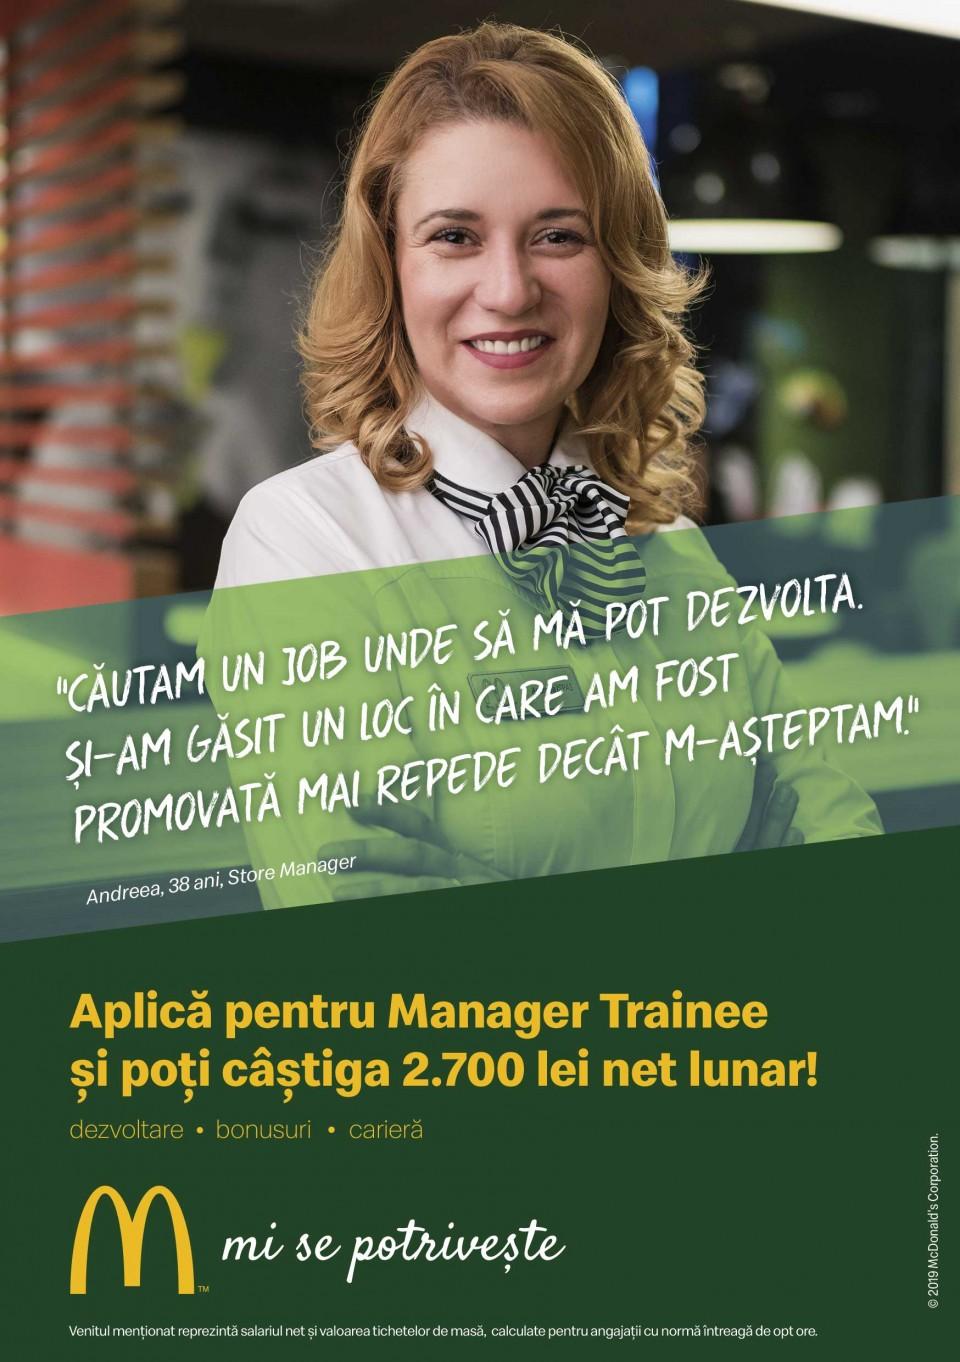 Satu Mare McDonald's McDonald's în RomâniaCei 5.000 de angajați ai McDonald's în România știu ce înseamnă puterea unui zâmbet.  Echipa McDonald's e formată din oameni muncitori, ambițioși, pentru care interacțiunea cu alți oameni este o bucurie. În fiecare zi, angajații McDonald's întâmpină peste 210.000 de clienți. Ne dorim să aducem în echipa noastră colegi dornici să învețe și să crească în cadrul unei echipe puternice și ambițioase.  McDonald's a deschis primul restaurant în România pe 16 iunie 1995, în Unirea Shopping Center din București. A fost primul pas în construirea unei povești de succes, care se dezvoltă în fiecare an.  În 2016, McDonald's în România a devenit Premier Restaurants România, ca urmare a parteneriatului pentru dezvoltare încheiat cu Premier Capital, compania malteză care coordonează operațiunile McDonald's din șase țări europene: Estonia, Grecia, Letonia, Lituania, Malta și România.  Astăzi, McDonald's are 78 de restaurante în 23 de orașe din România și este liderul pieței de restaurante cu servire rapidă. În același timp, lanțul McCafé, are în prezent 33 de cafenele în România și crește de la an la an.  http://mcdonalds.ro